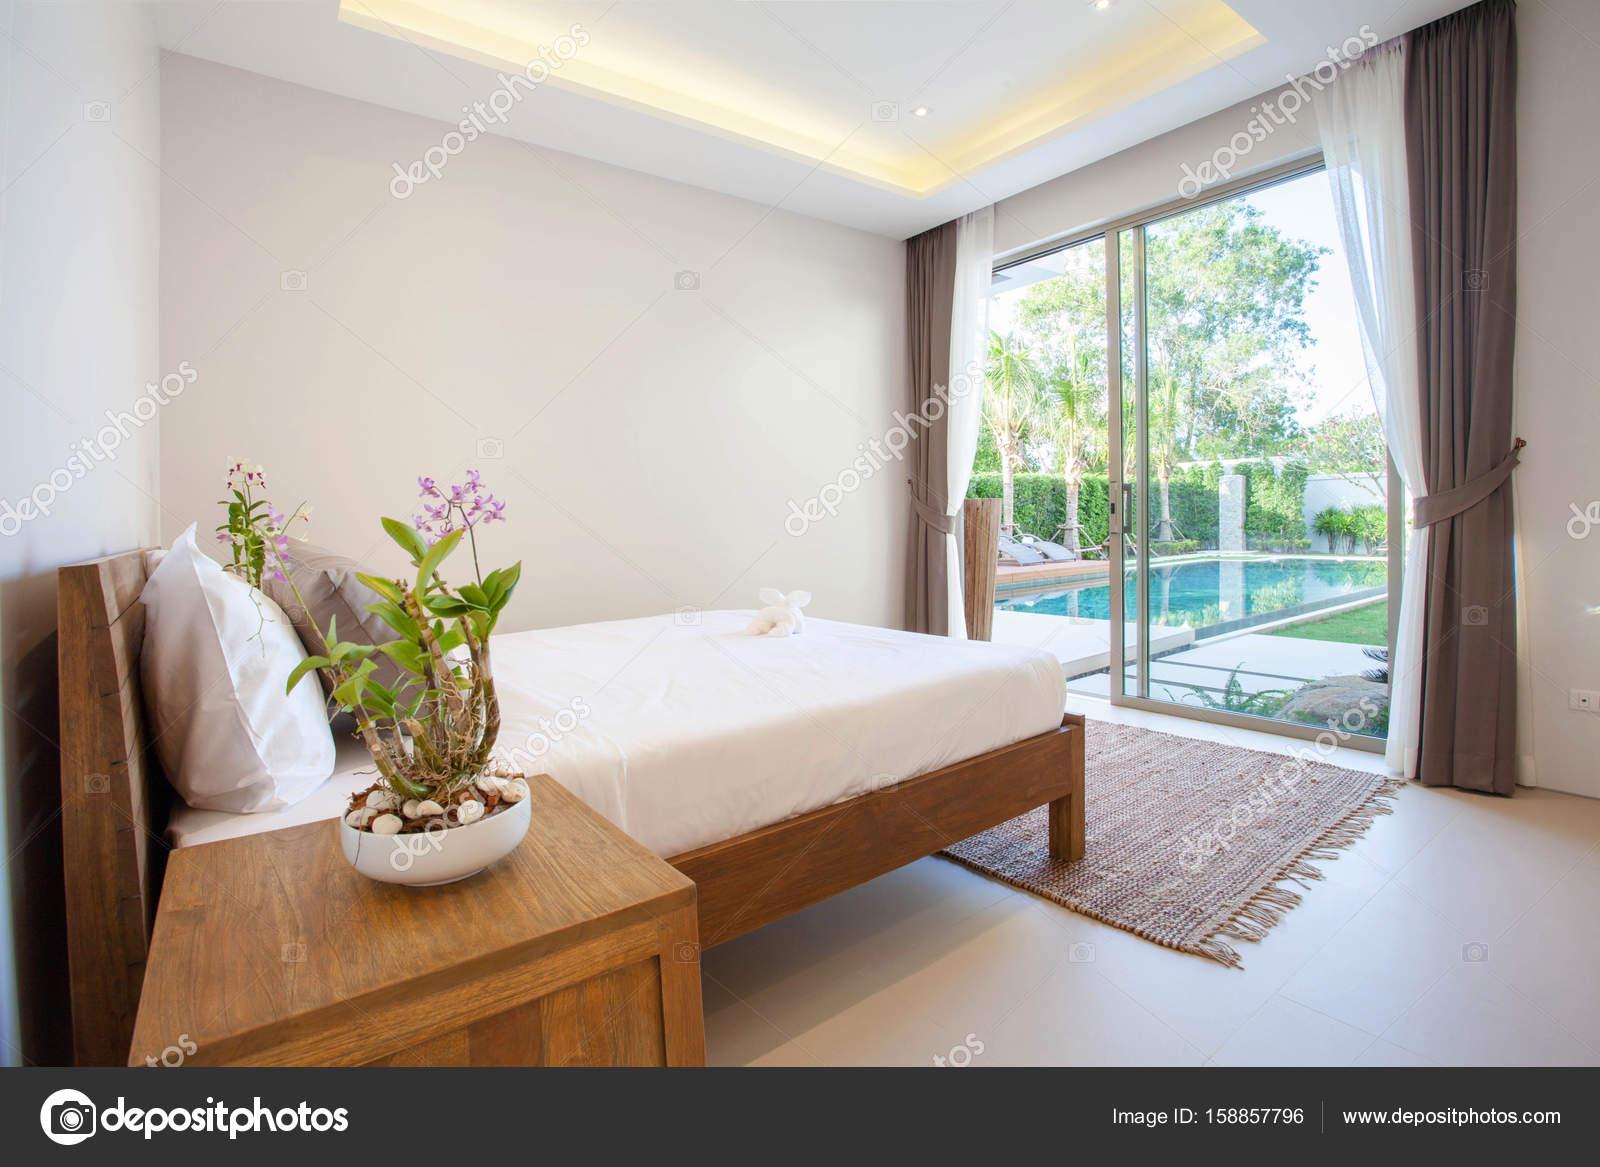 Fantastisch Luxus Interieur Design Im Schlafzimmer Pool Villa Mit Gemütlichen Kingsize  Bett. Schlafzimmer Mit